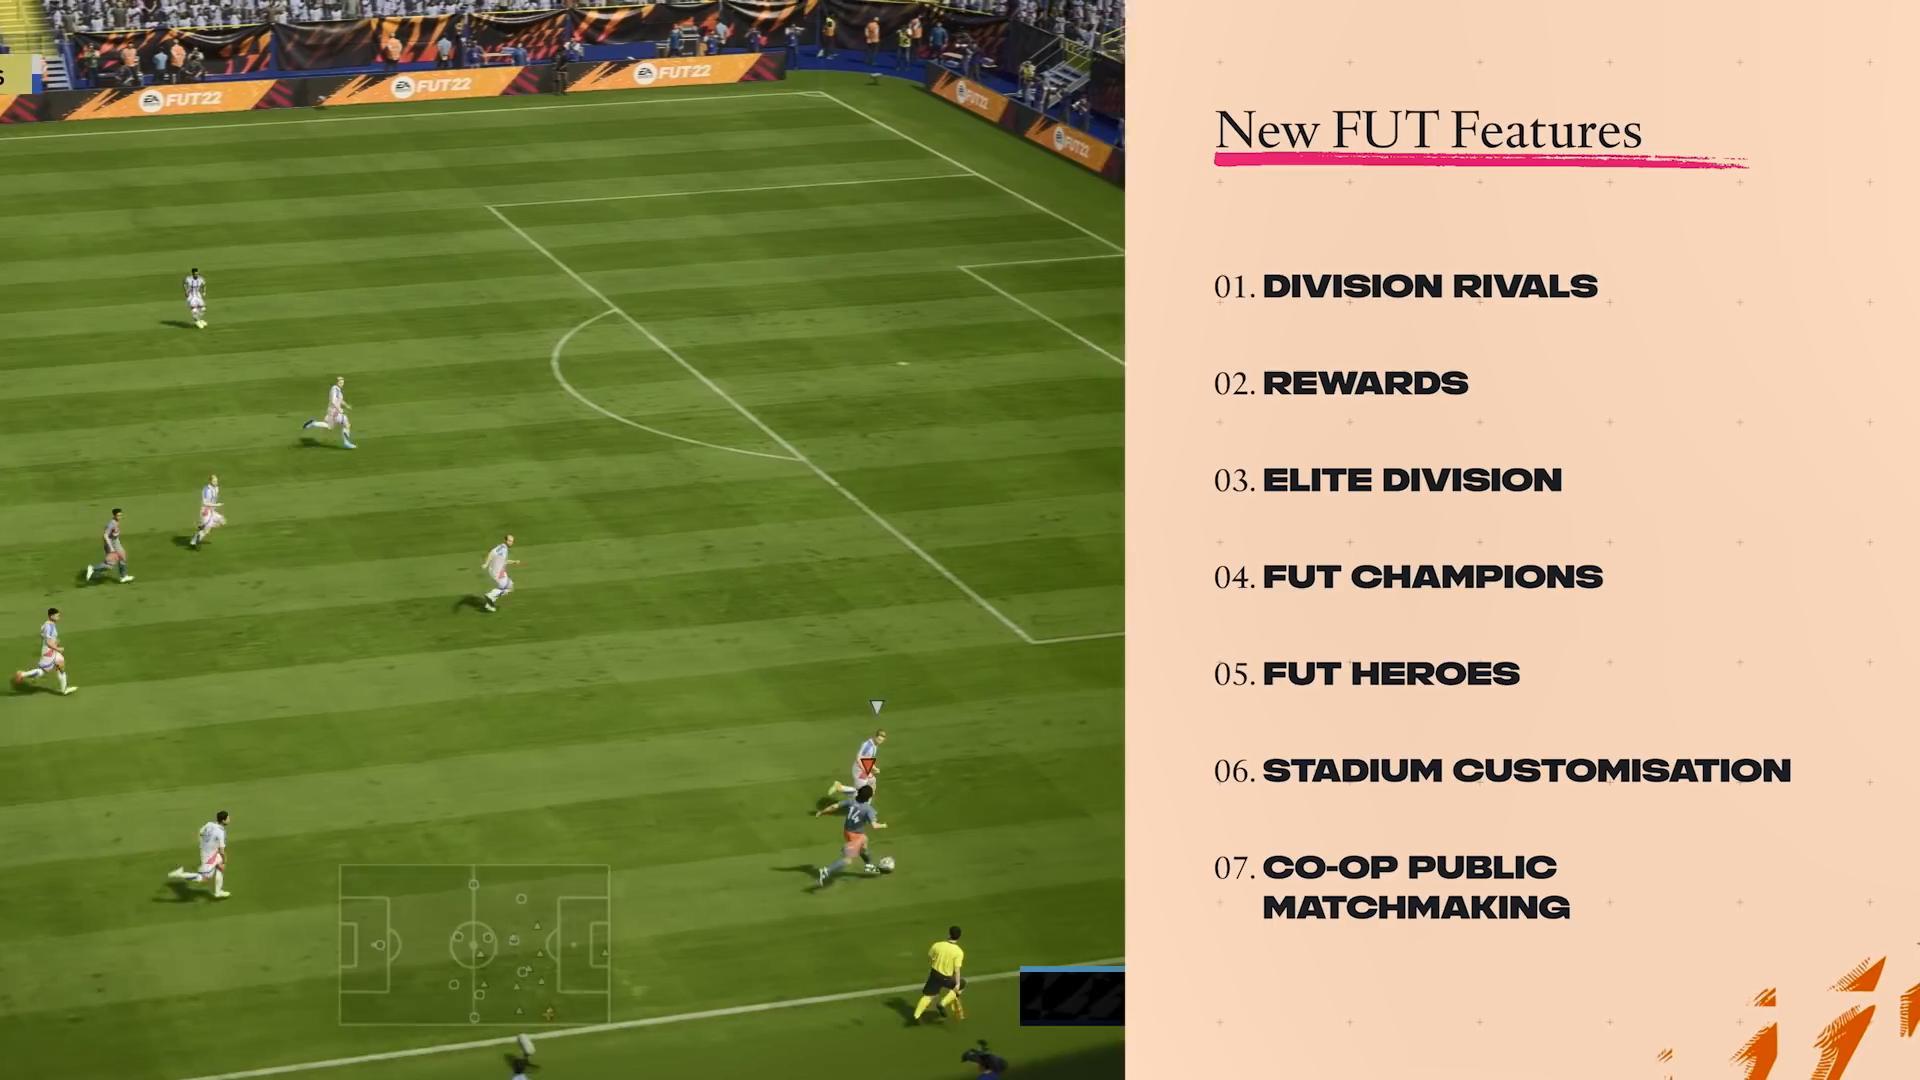 《FIFA 22》Ultimate Team模式宣传片 展示新的机制及奖励